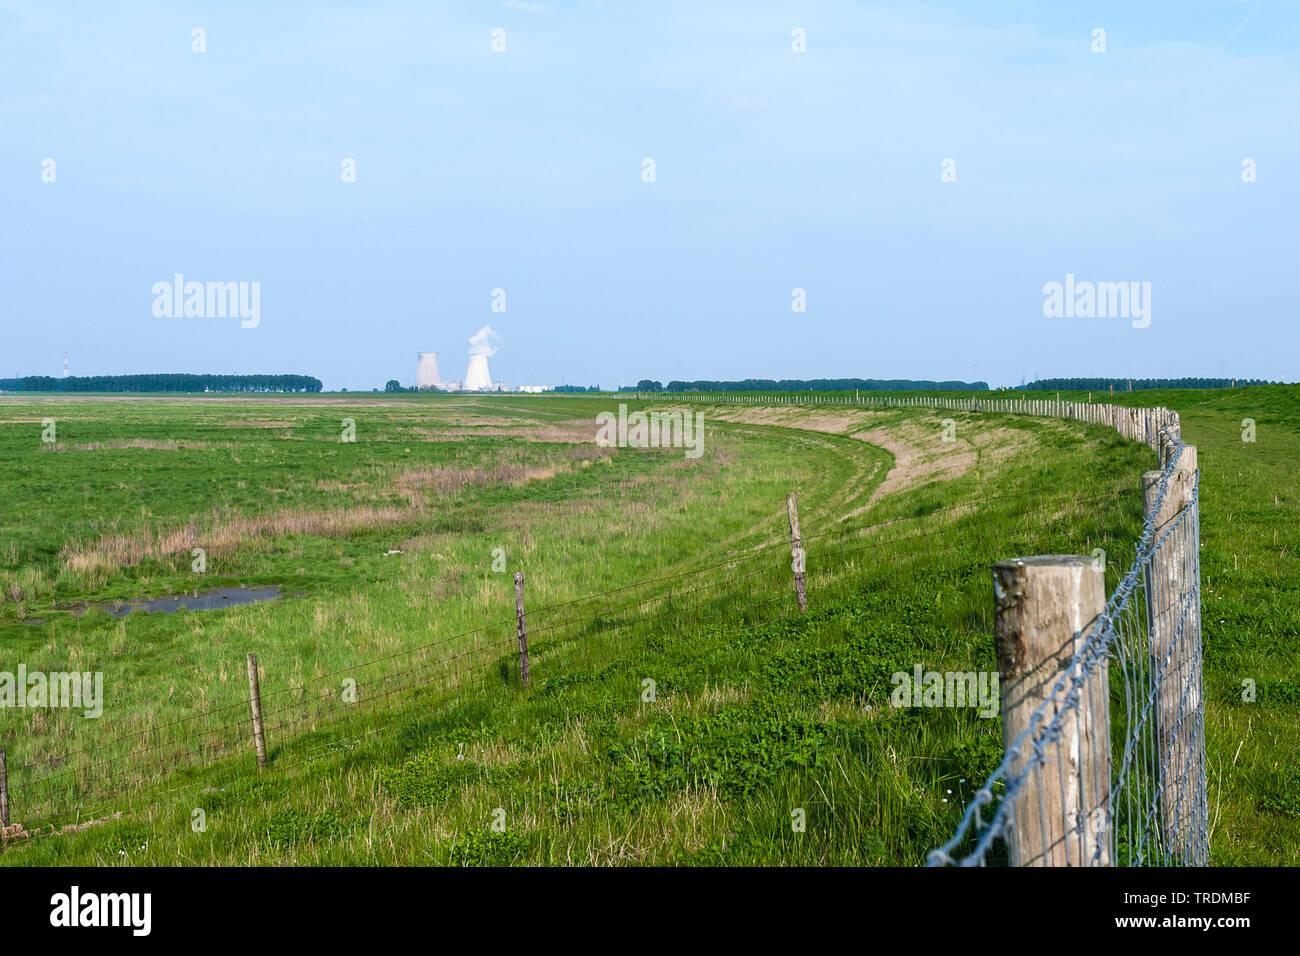 Landschaft von Saeftinghe, Atimkraftwerk im Hintergrund, The Netherlands; Nederland, Zeeland, Verdronken Land van Saeftinghe | Landscape at Drowned La Stock Photo